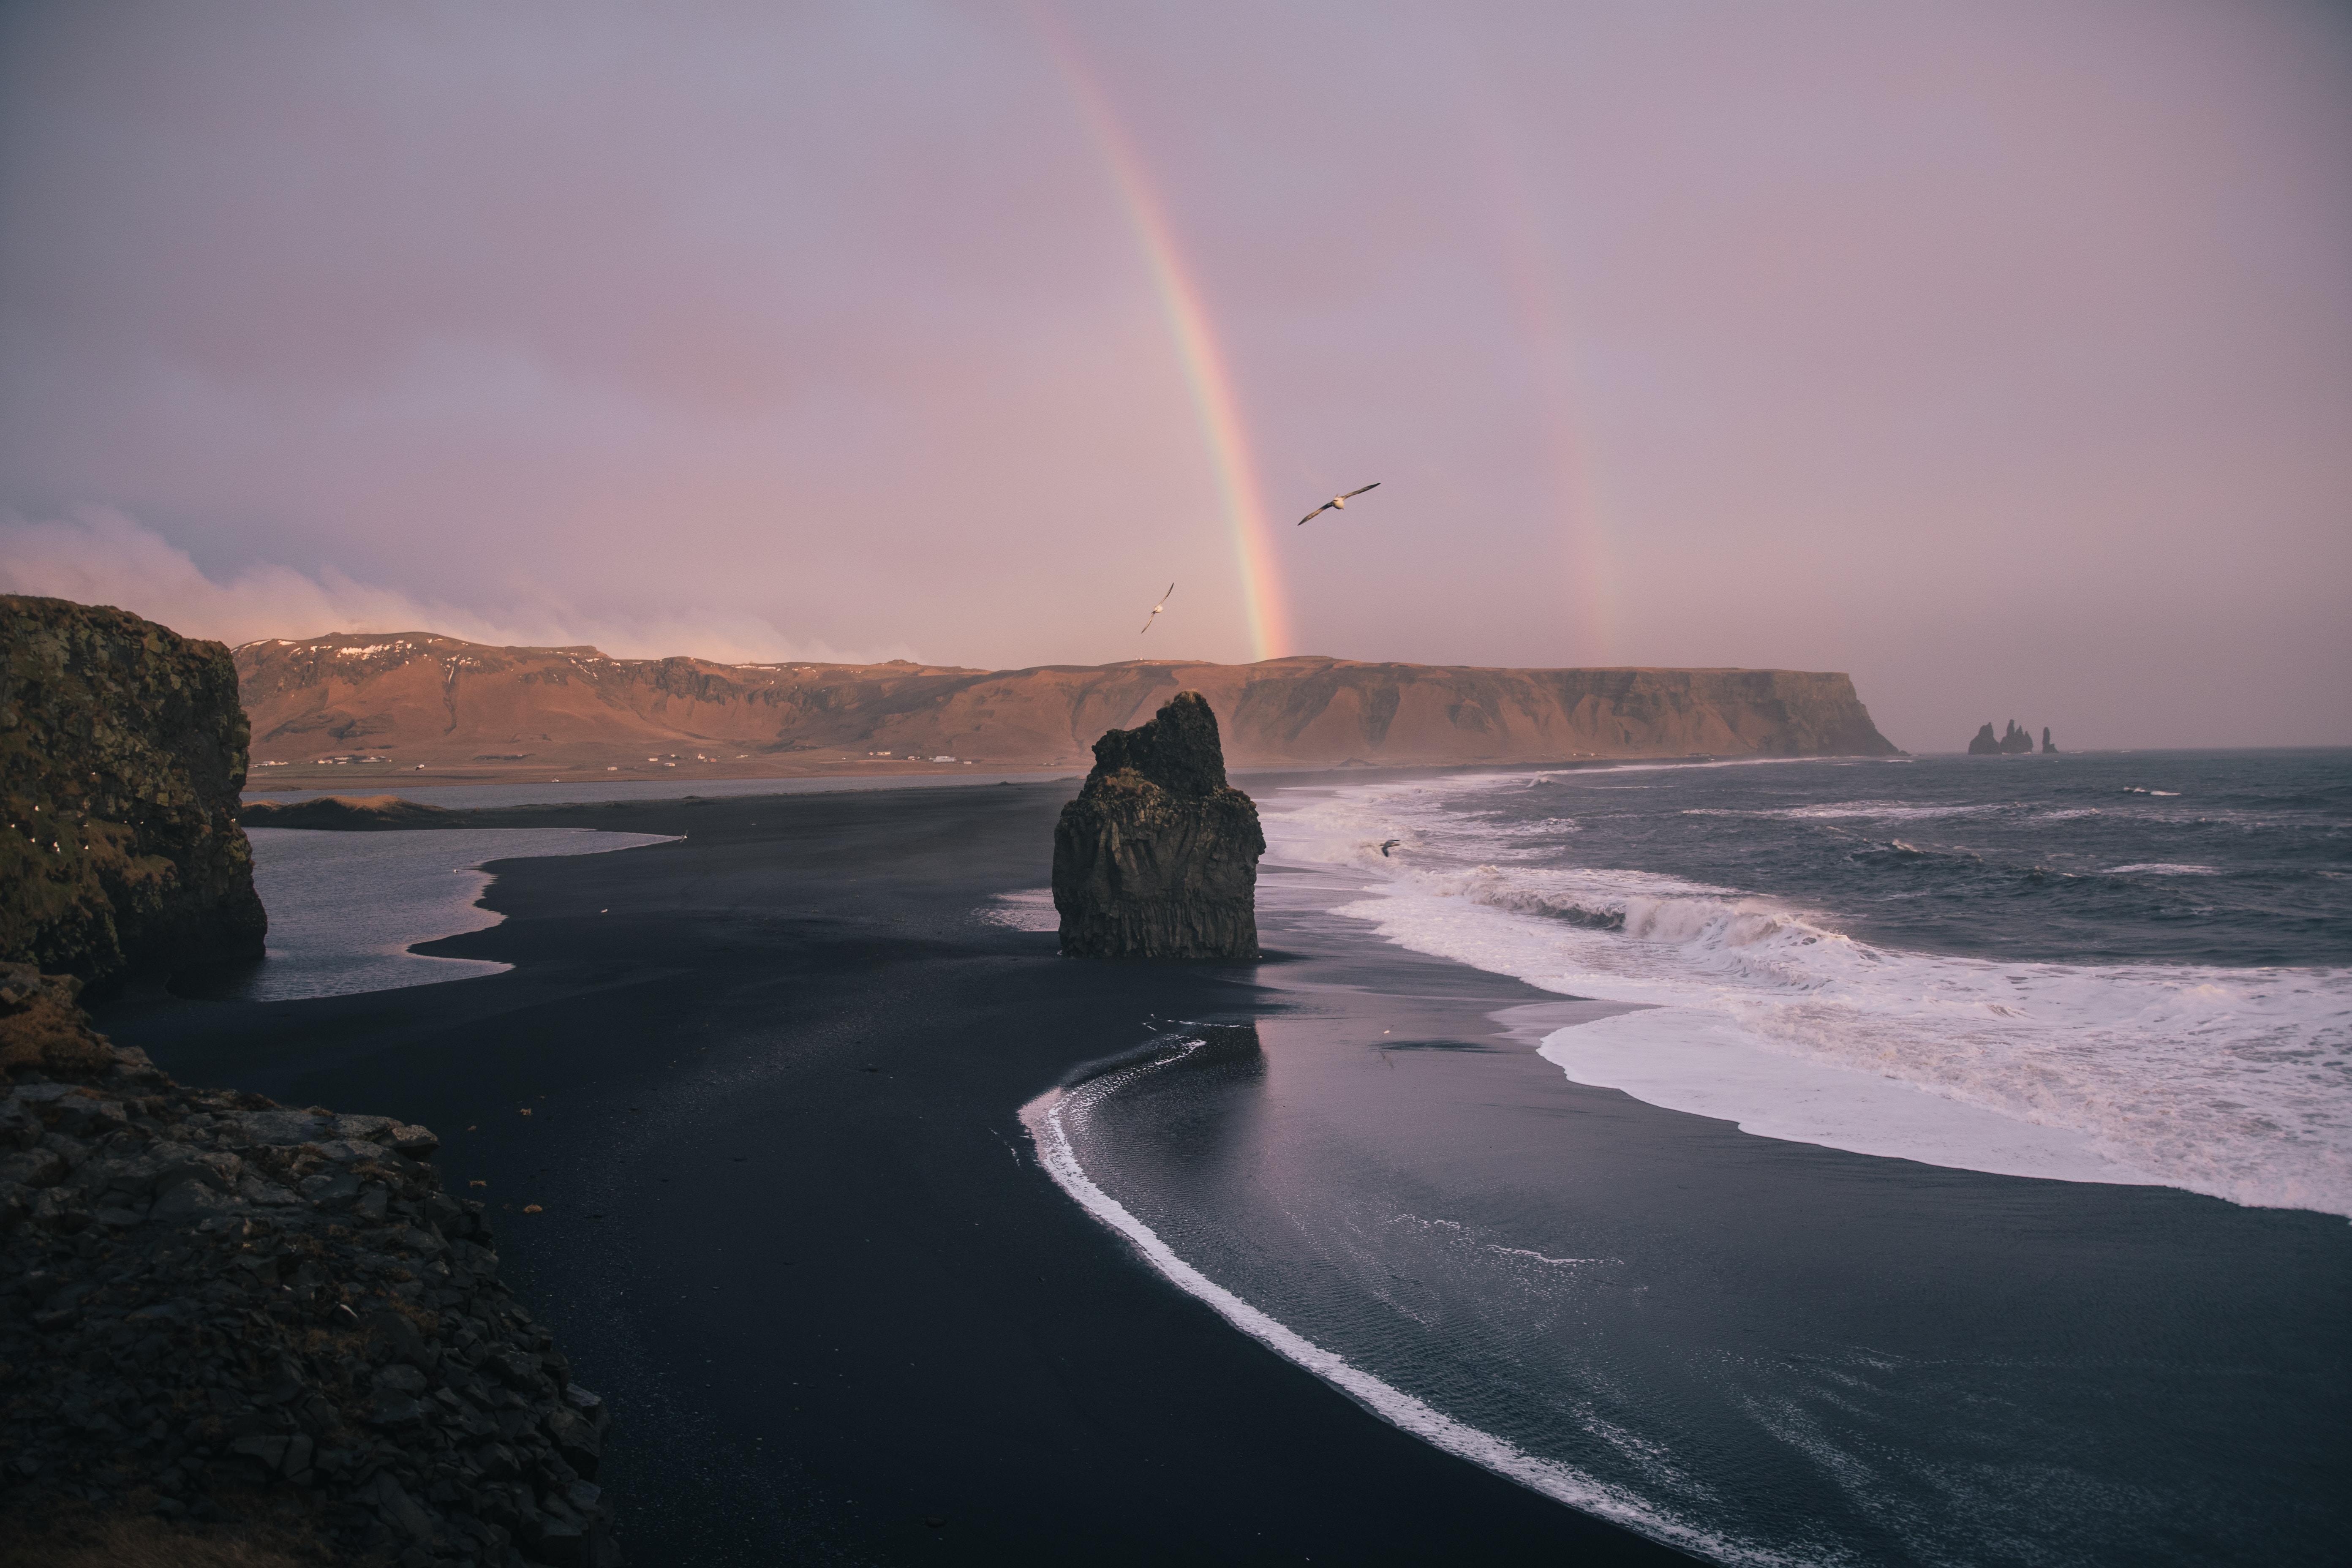 81747 Hintergrundbild herunterladen Waves, Natur, Sea, Strand, Regenbogen, Felsen, Die Steine - Bildschirmschoner und Bilder kostenlos